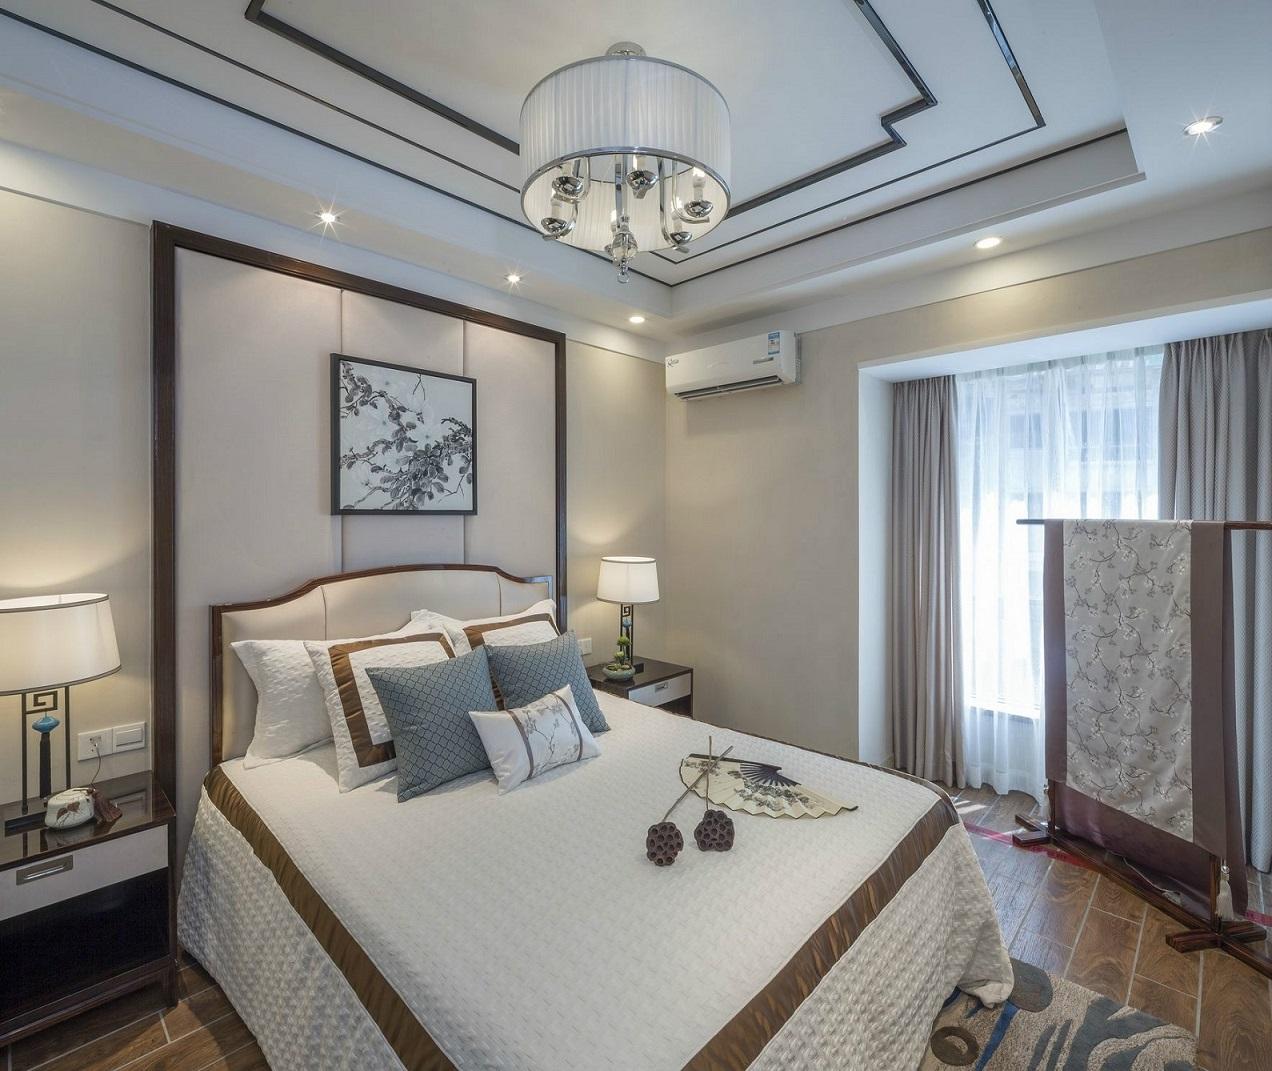 中式精装房卧室装修效果图片_装修美图-新浪家居